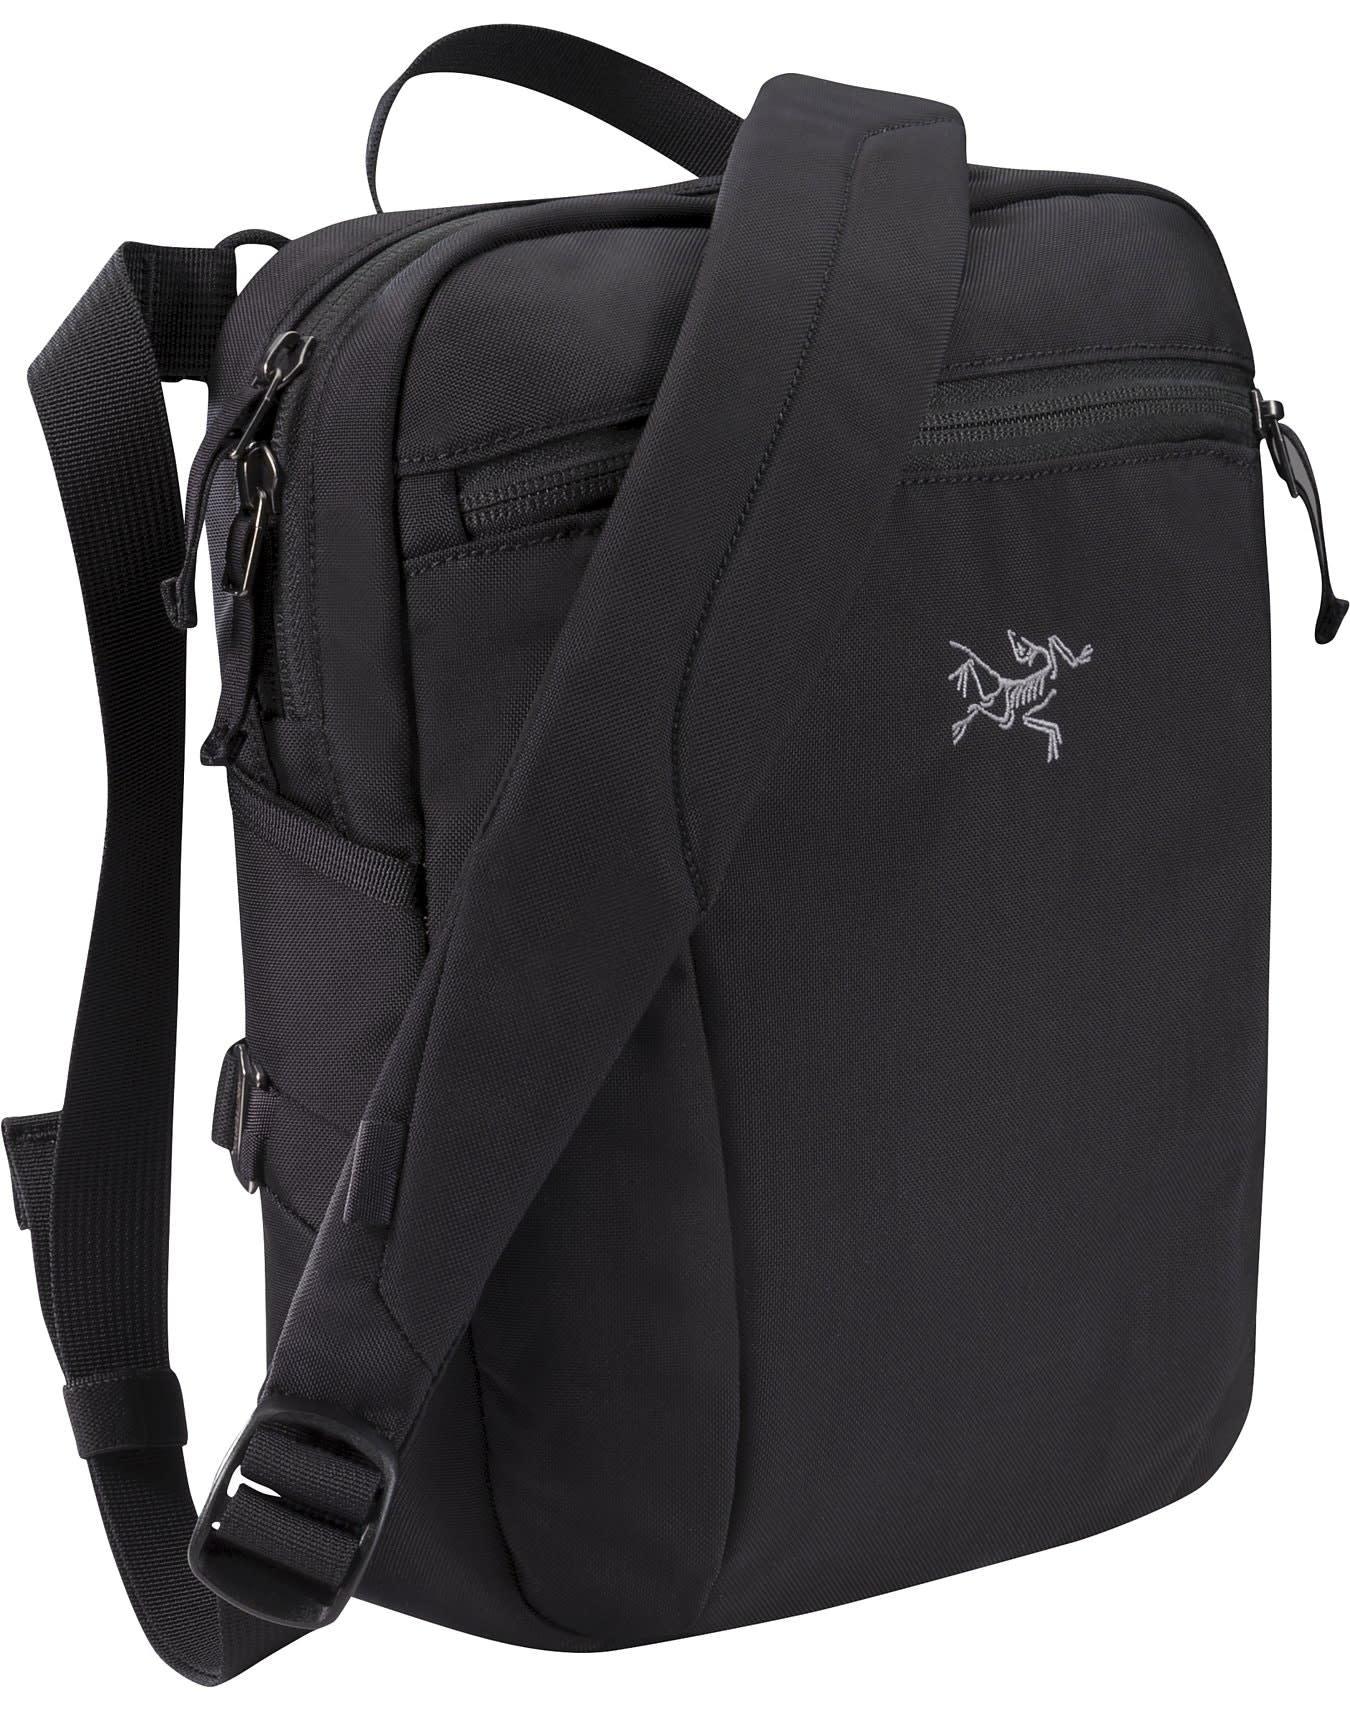 Slingblade 4 Shoulder Bag-1